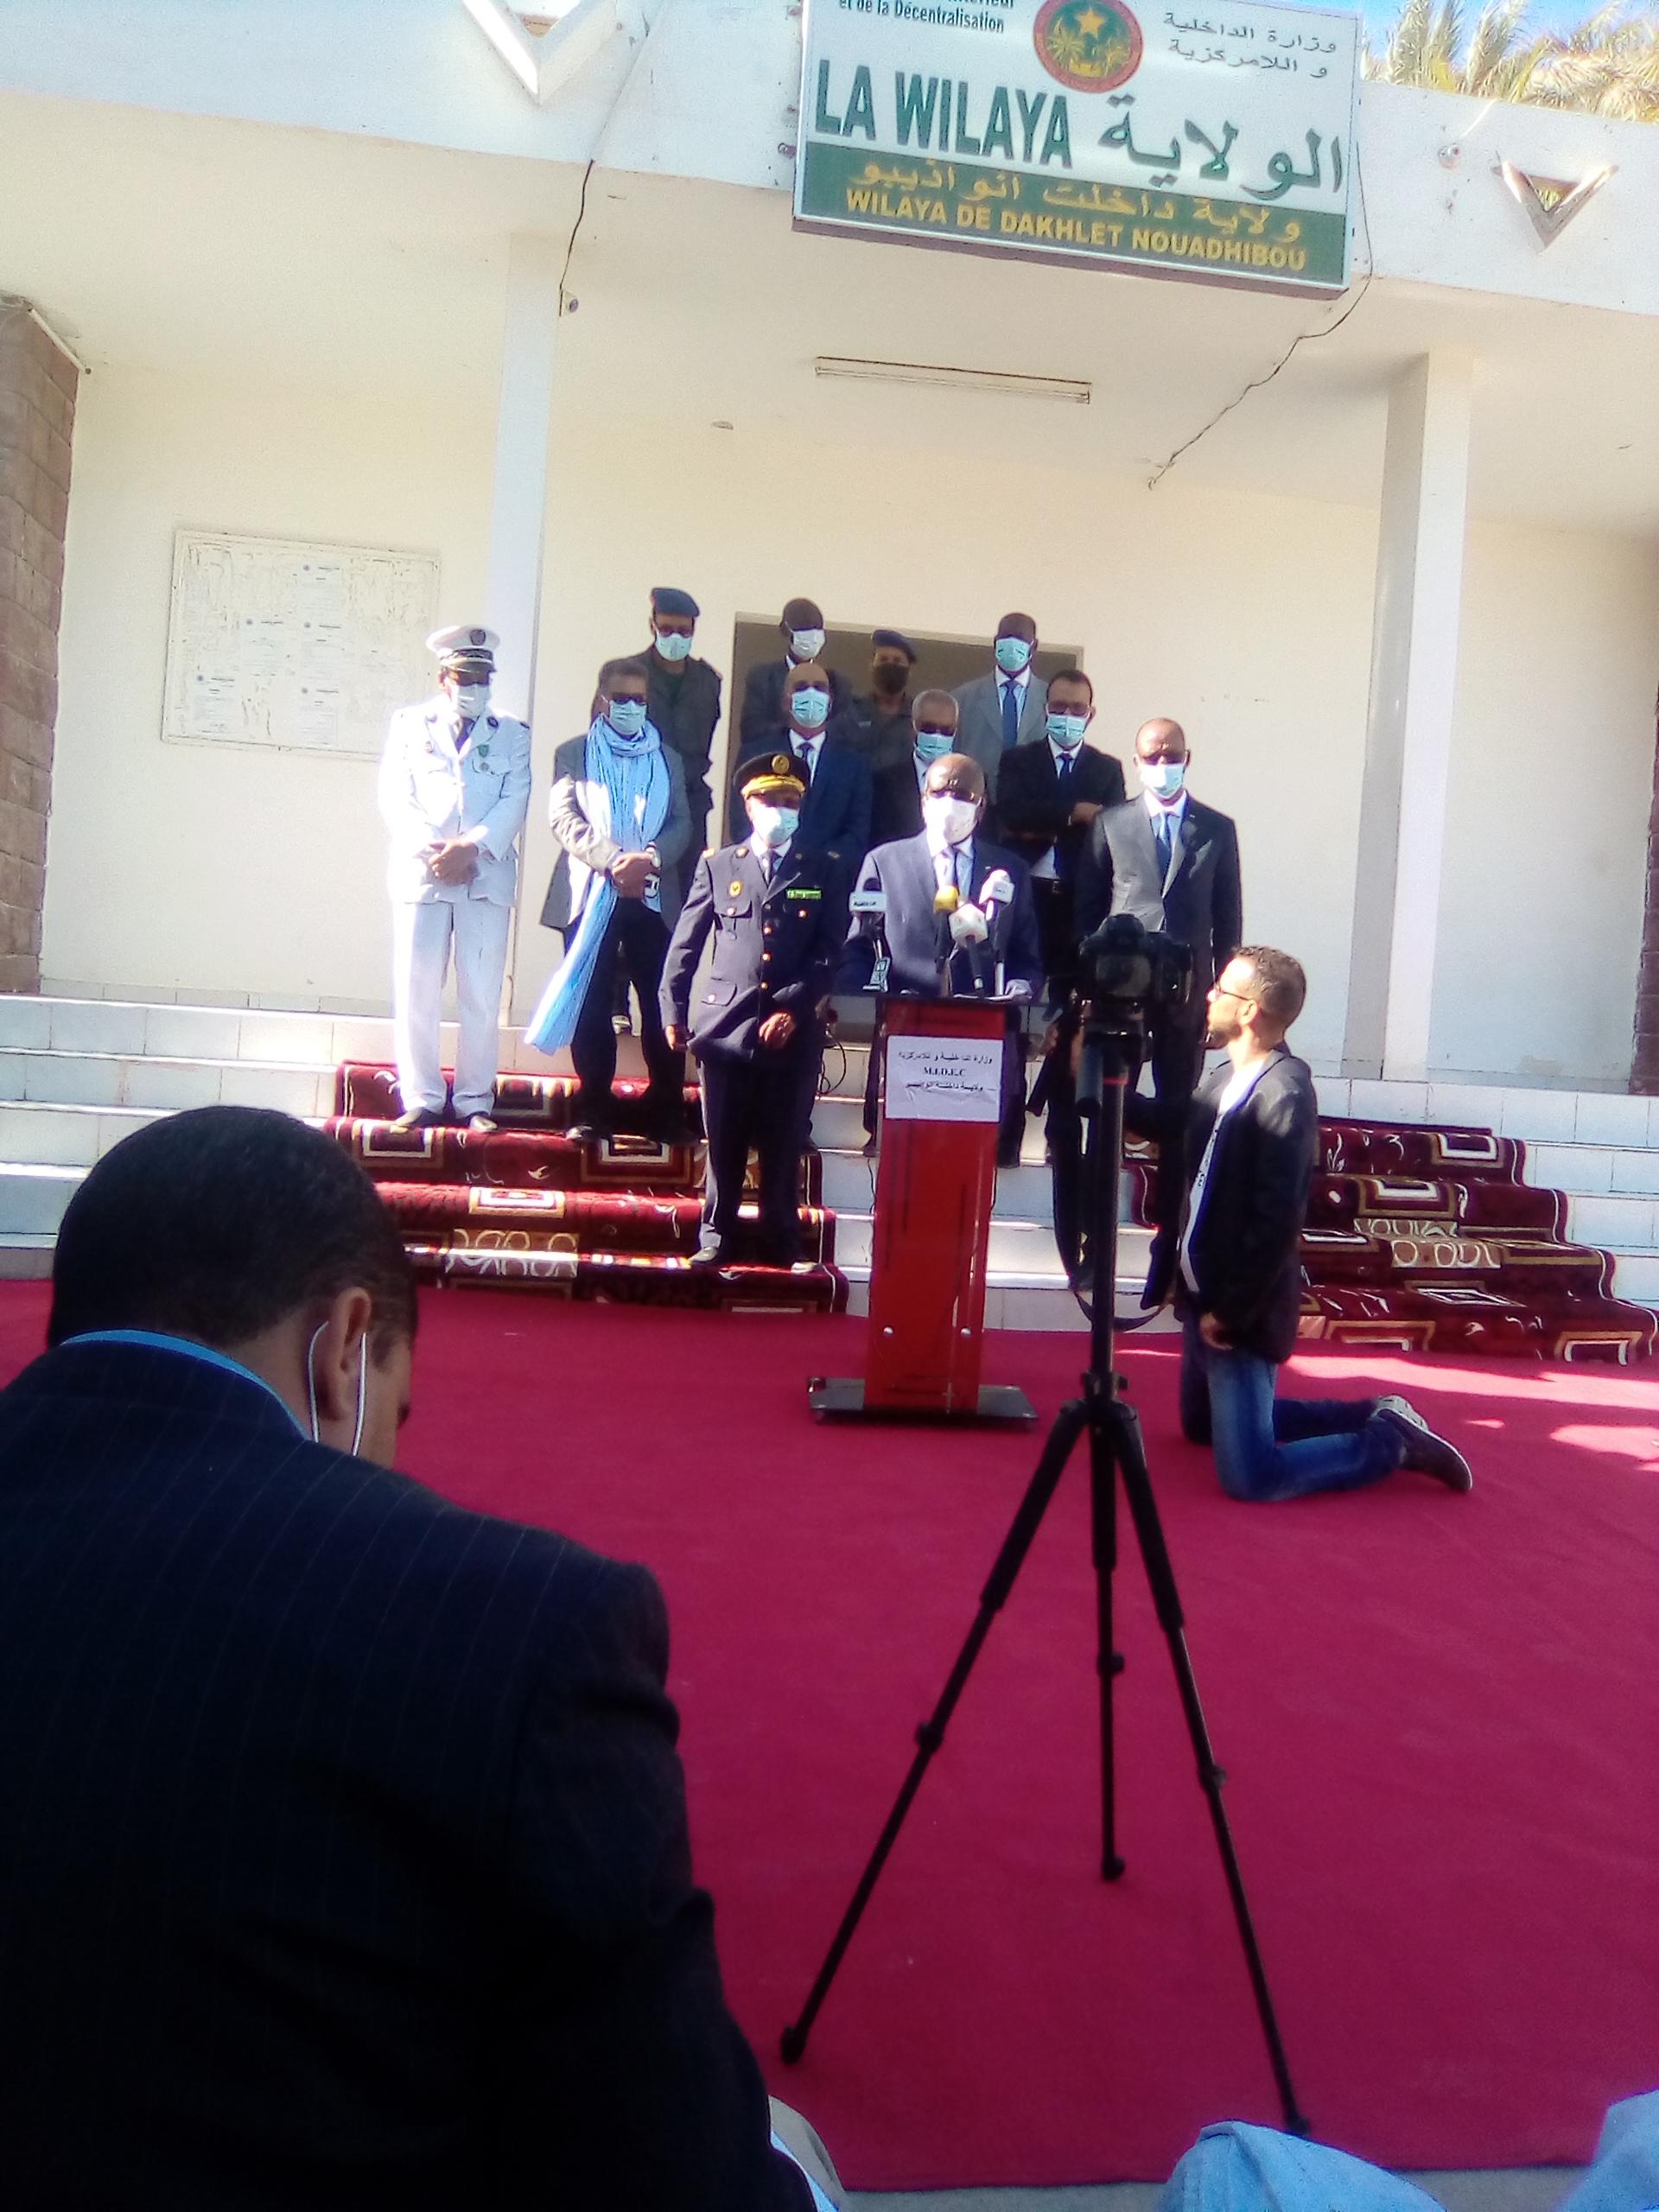 وزير الداخلية واللامركزية يعقد مؤتمرا صحفيا بمدينة نواذيبو